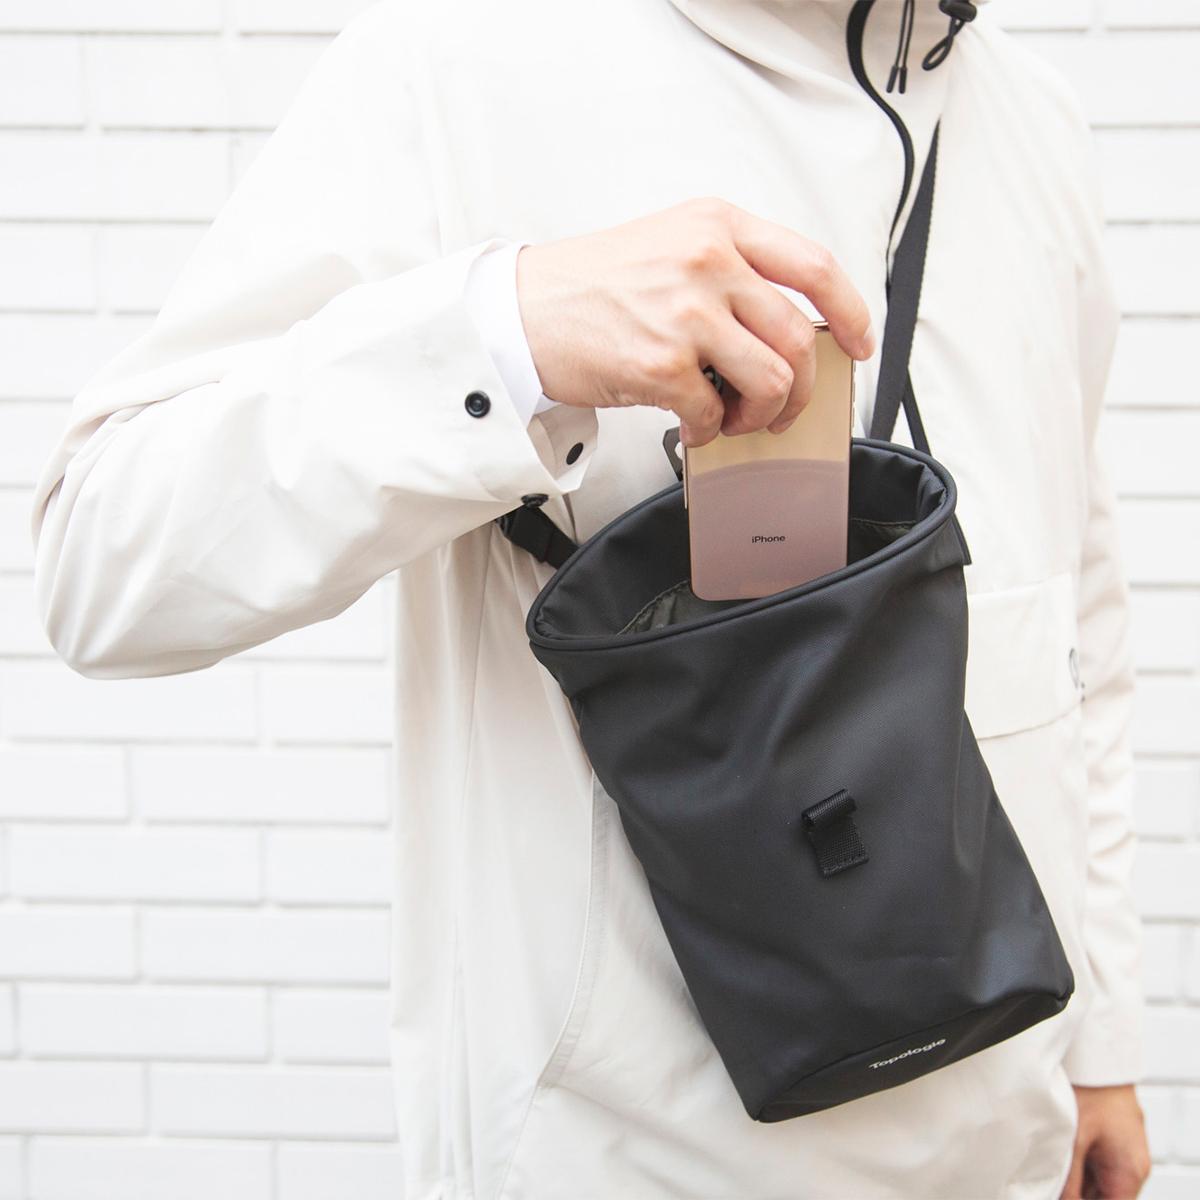 荷物の出し入れがラクな「スムーズ設計」|片手でモノの出し入れができて便利な「4WAYウエストバッグ」(水濡れや汚れに強いドライコレクション)|Topologie